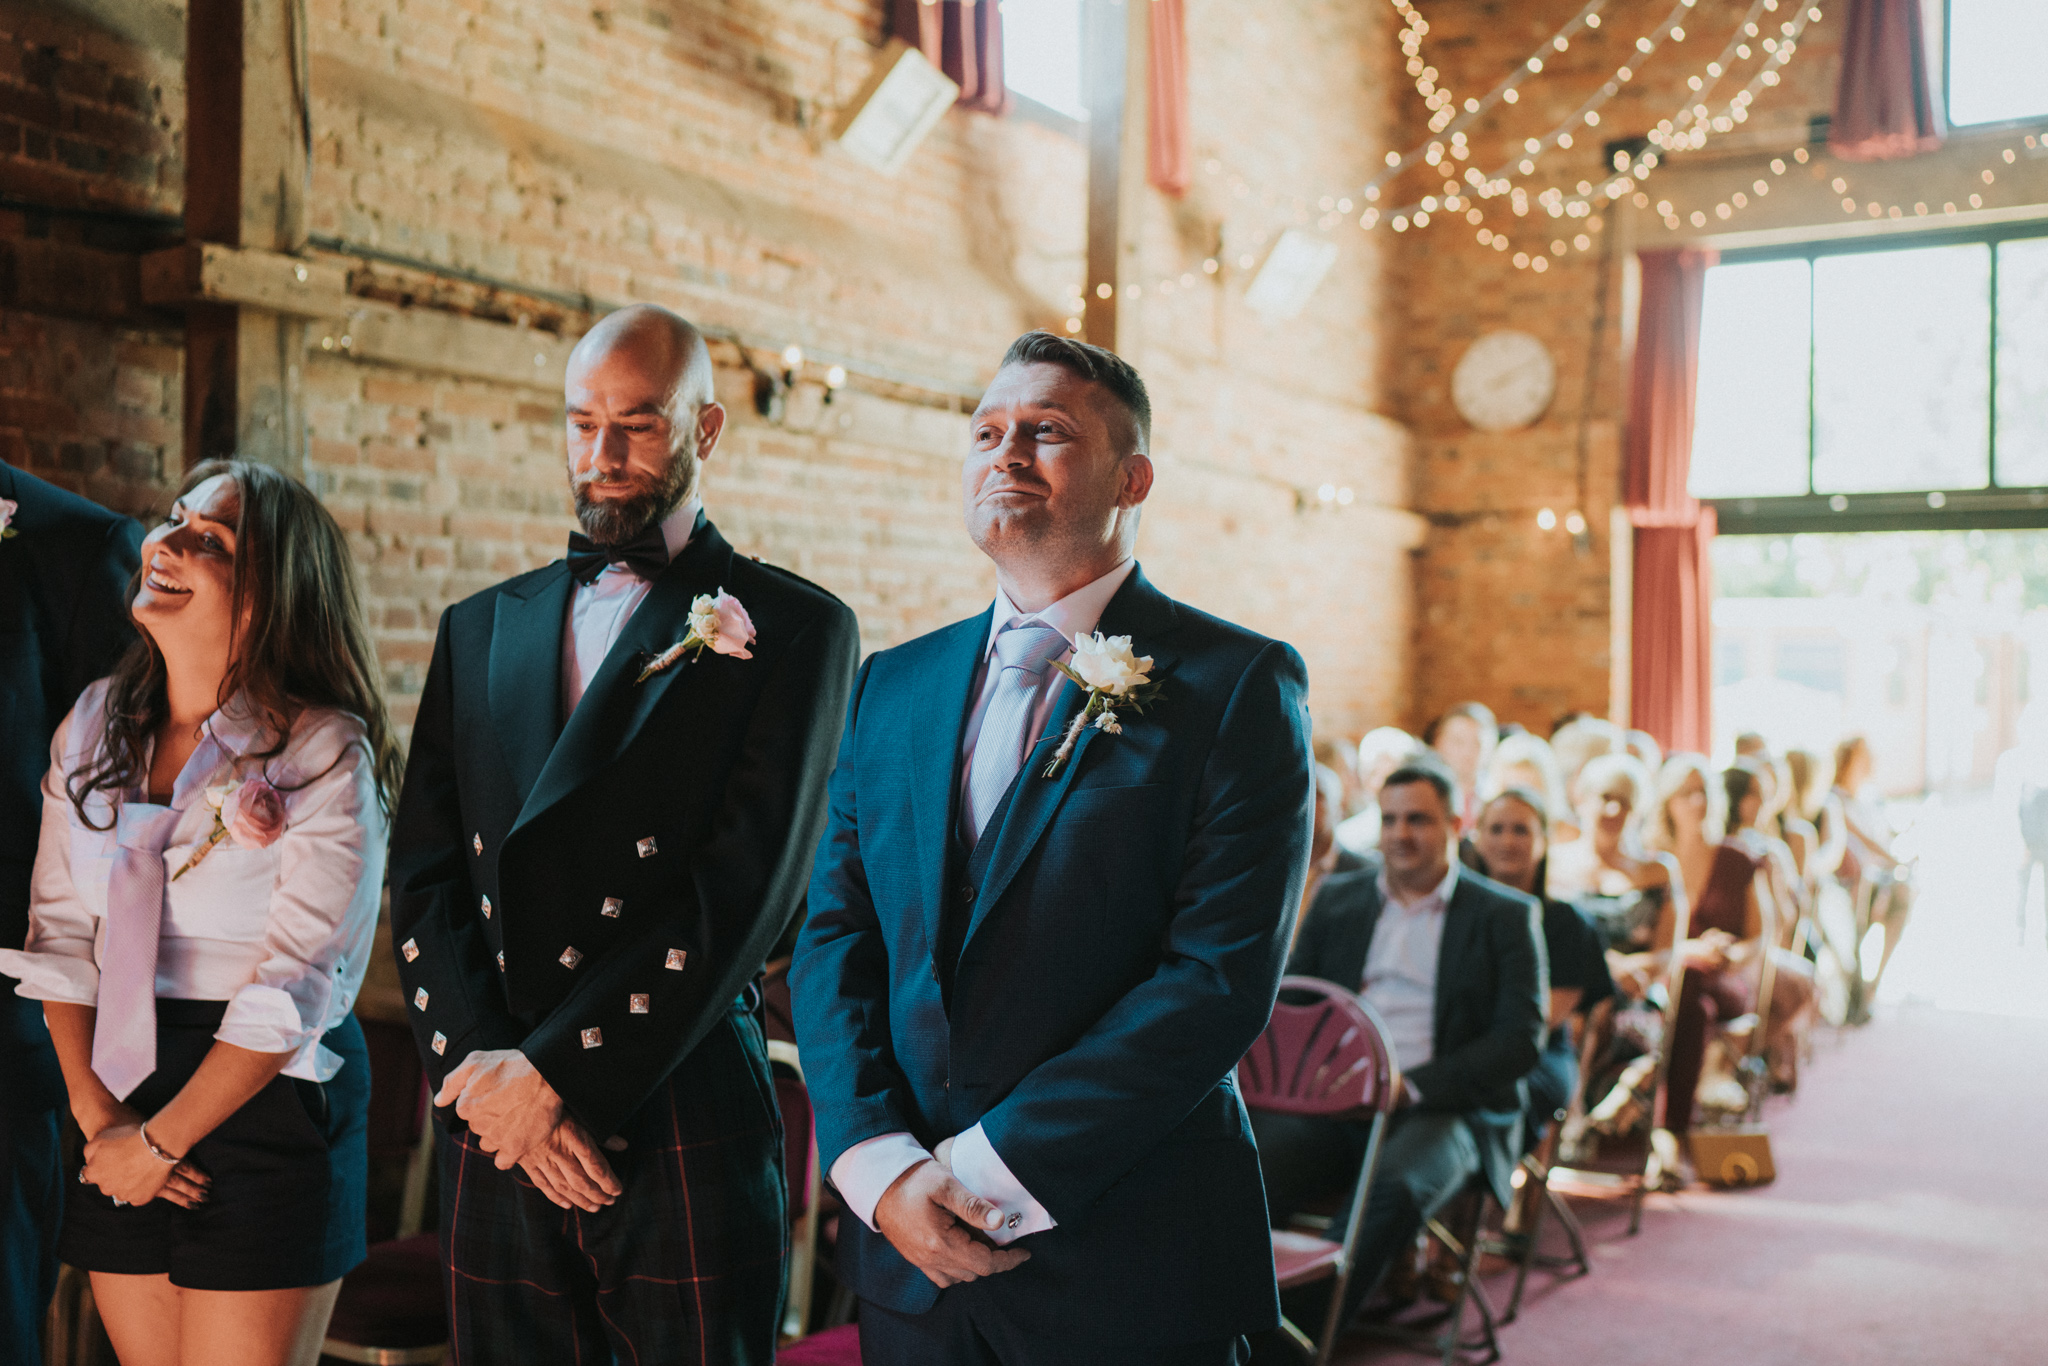 steph-neil-red-brick-barn-rochford-wedding-grace-elizabeth-colchester-essex-alternative-wedding-photographer-essex-suffolk-norfolk-devon (11 of 43).jpg